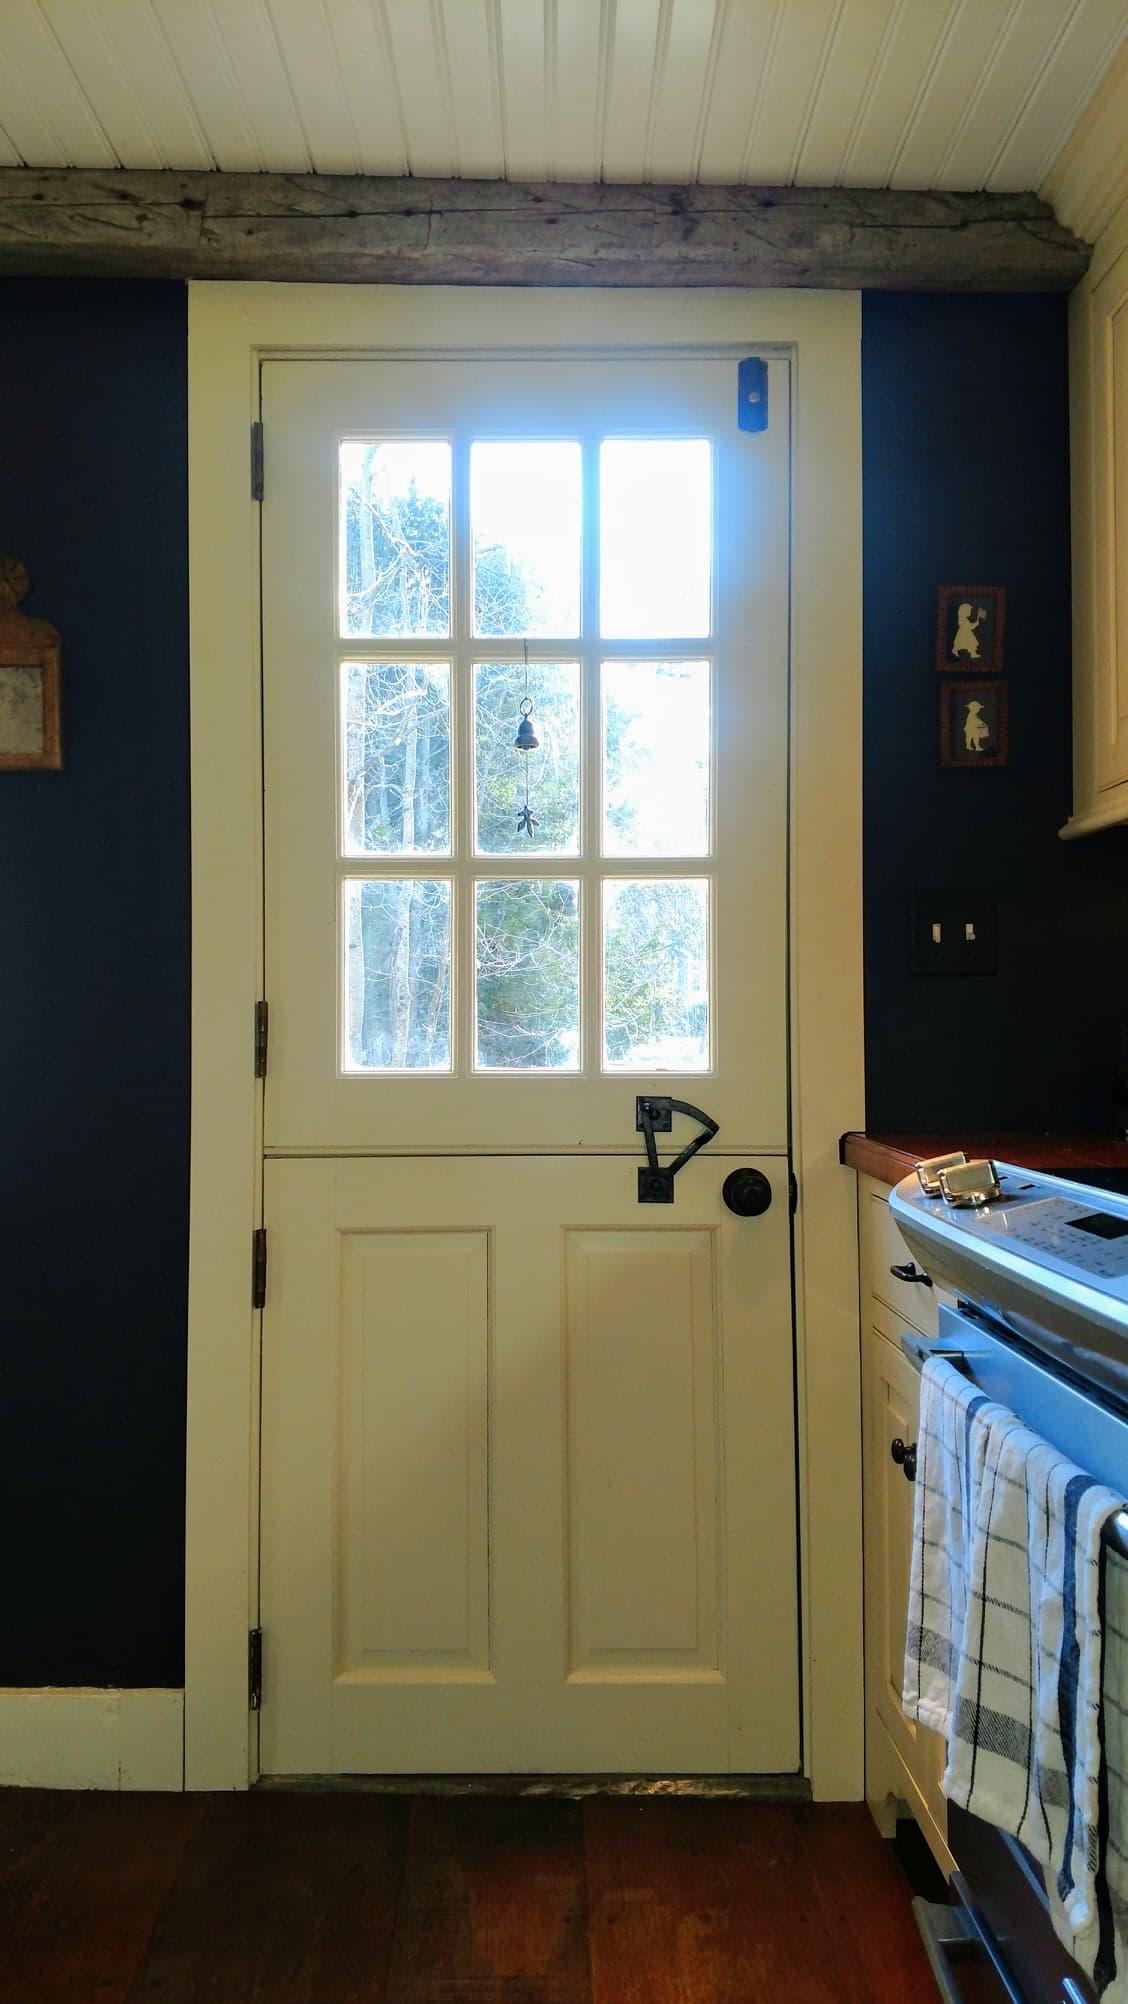 Rear Kitchen - Interior View